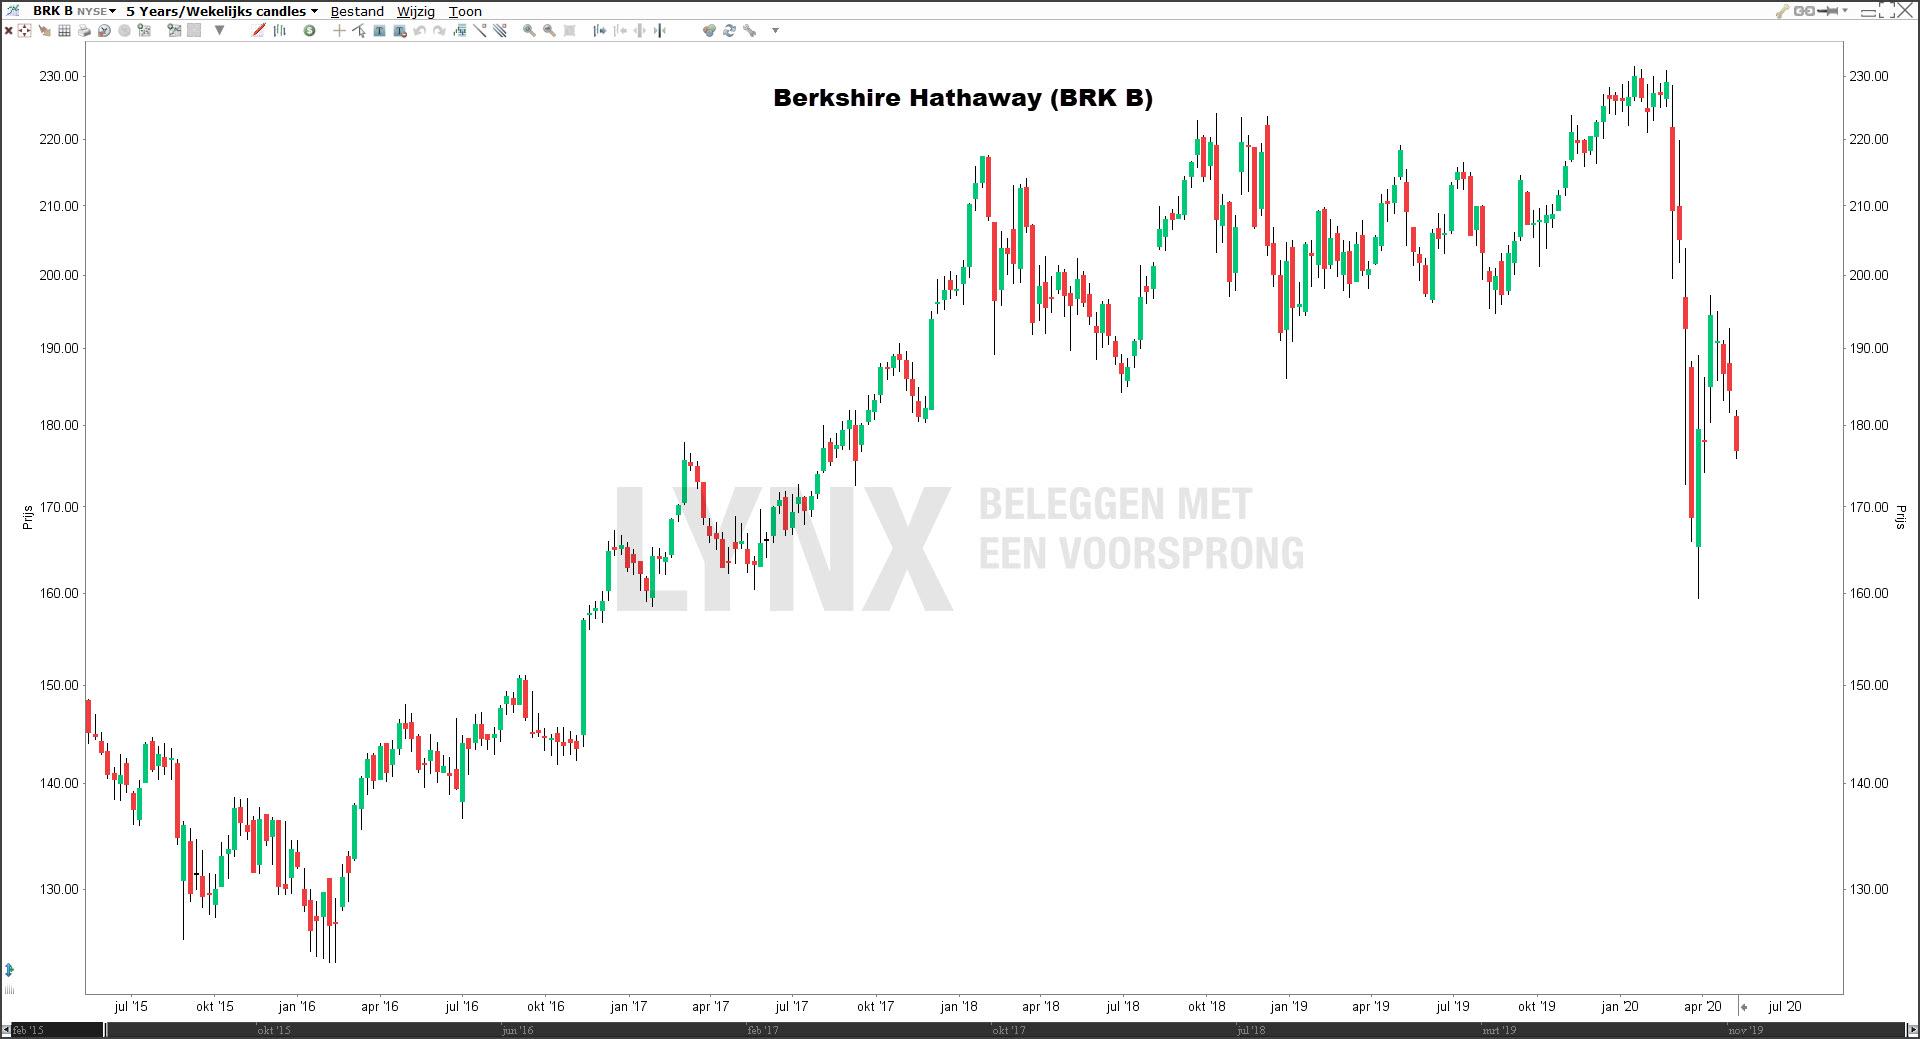 Koers Berkshire Hathaway 5 jaar